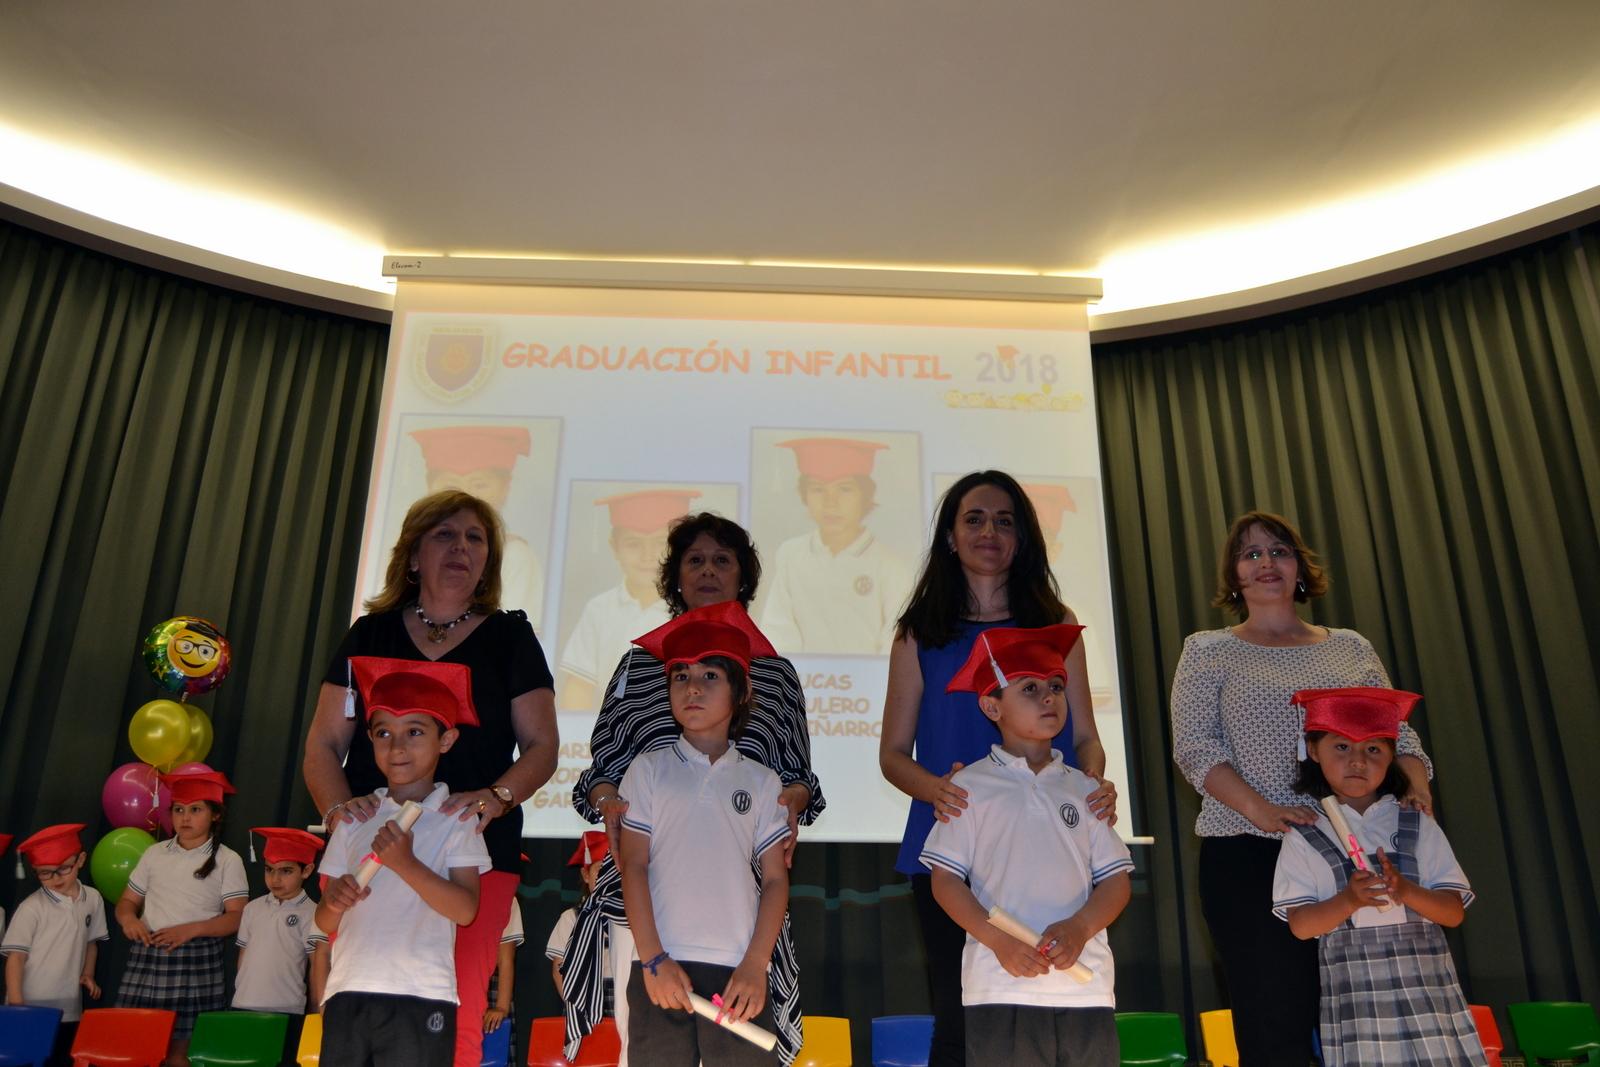 Graduación Educación Infantil 2018 5